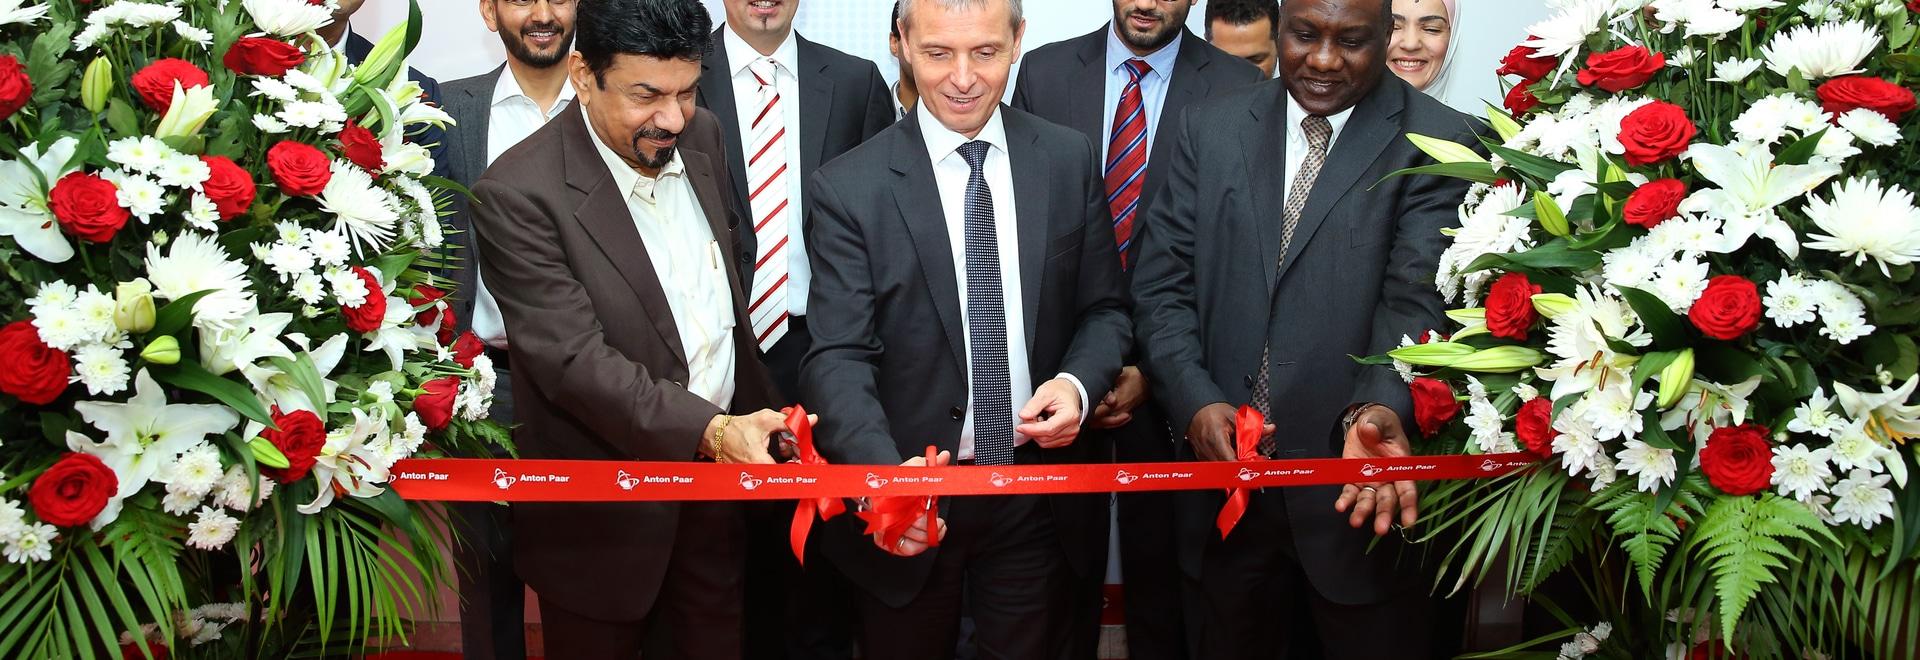 Anton Paar startet technische Mitte in Dubai